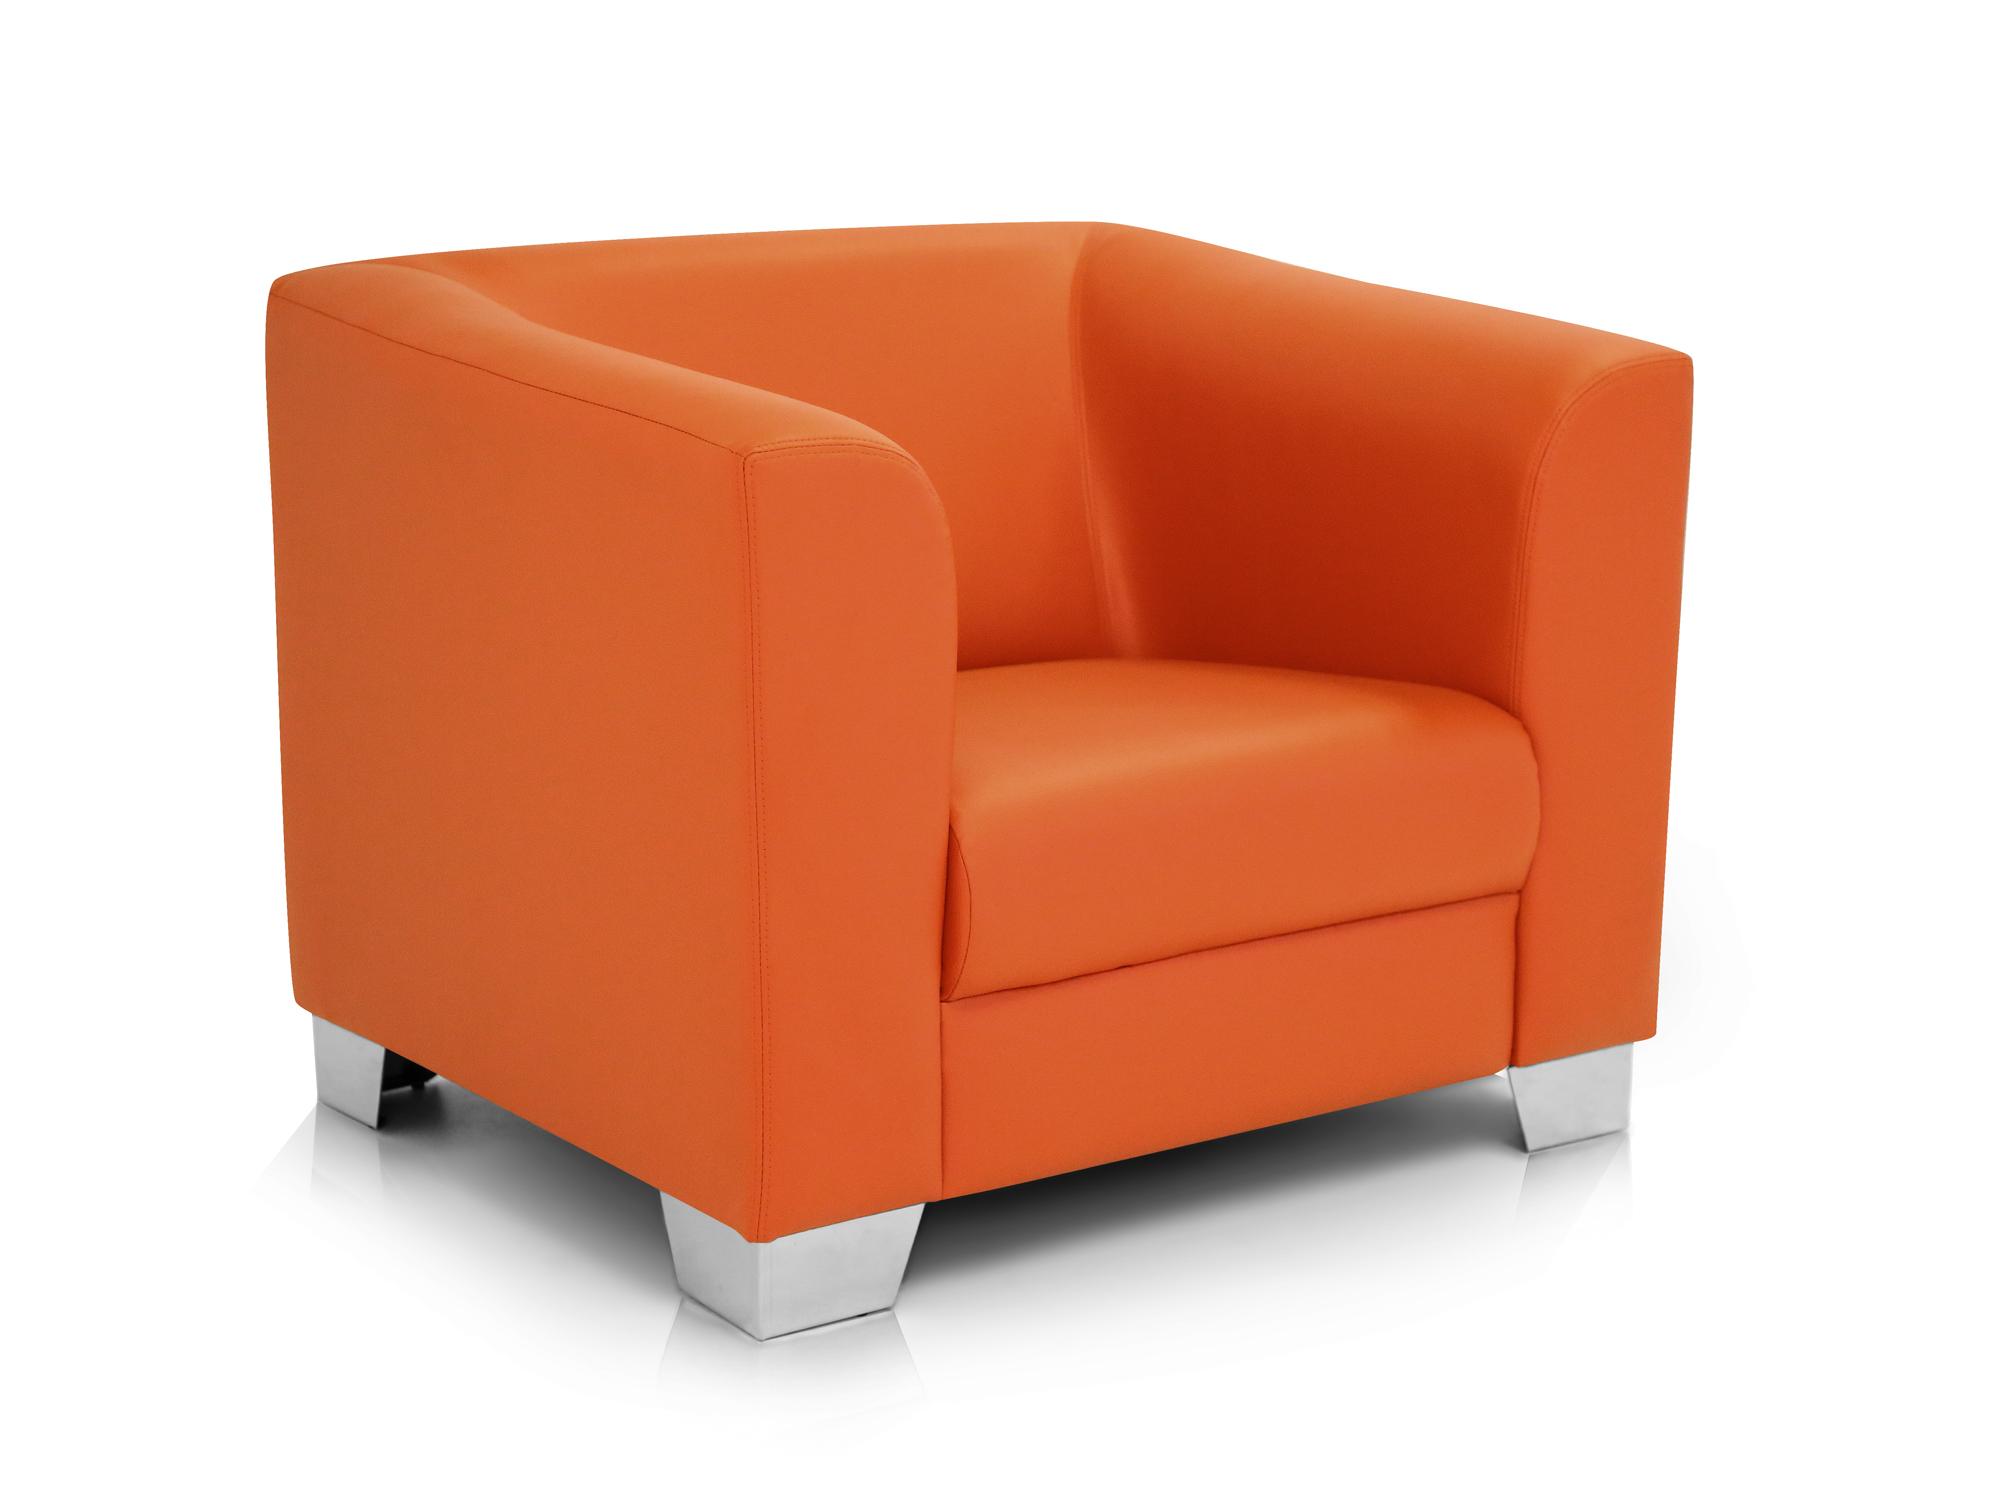 chicago sessel ledersessel orange. Black Bedroom Furniture Sets. Home Design Ideas